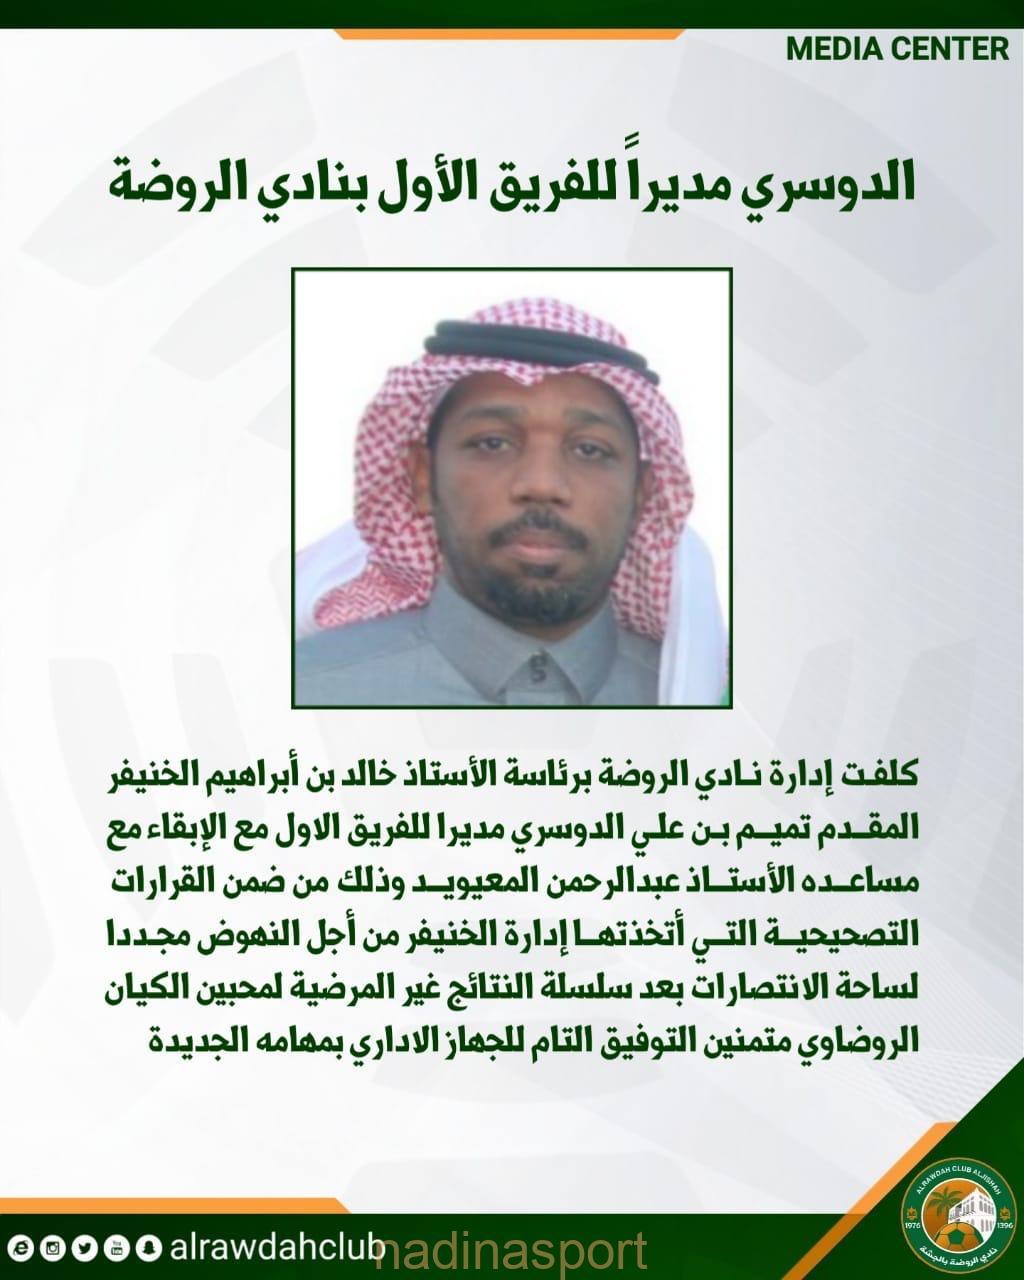 الدوسري مديراً للفريق الأول بنادي الروضة @alrawdahclub 